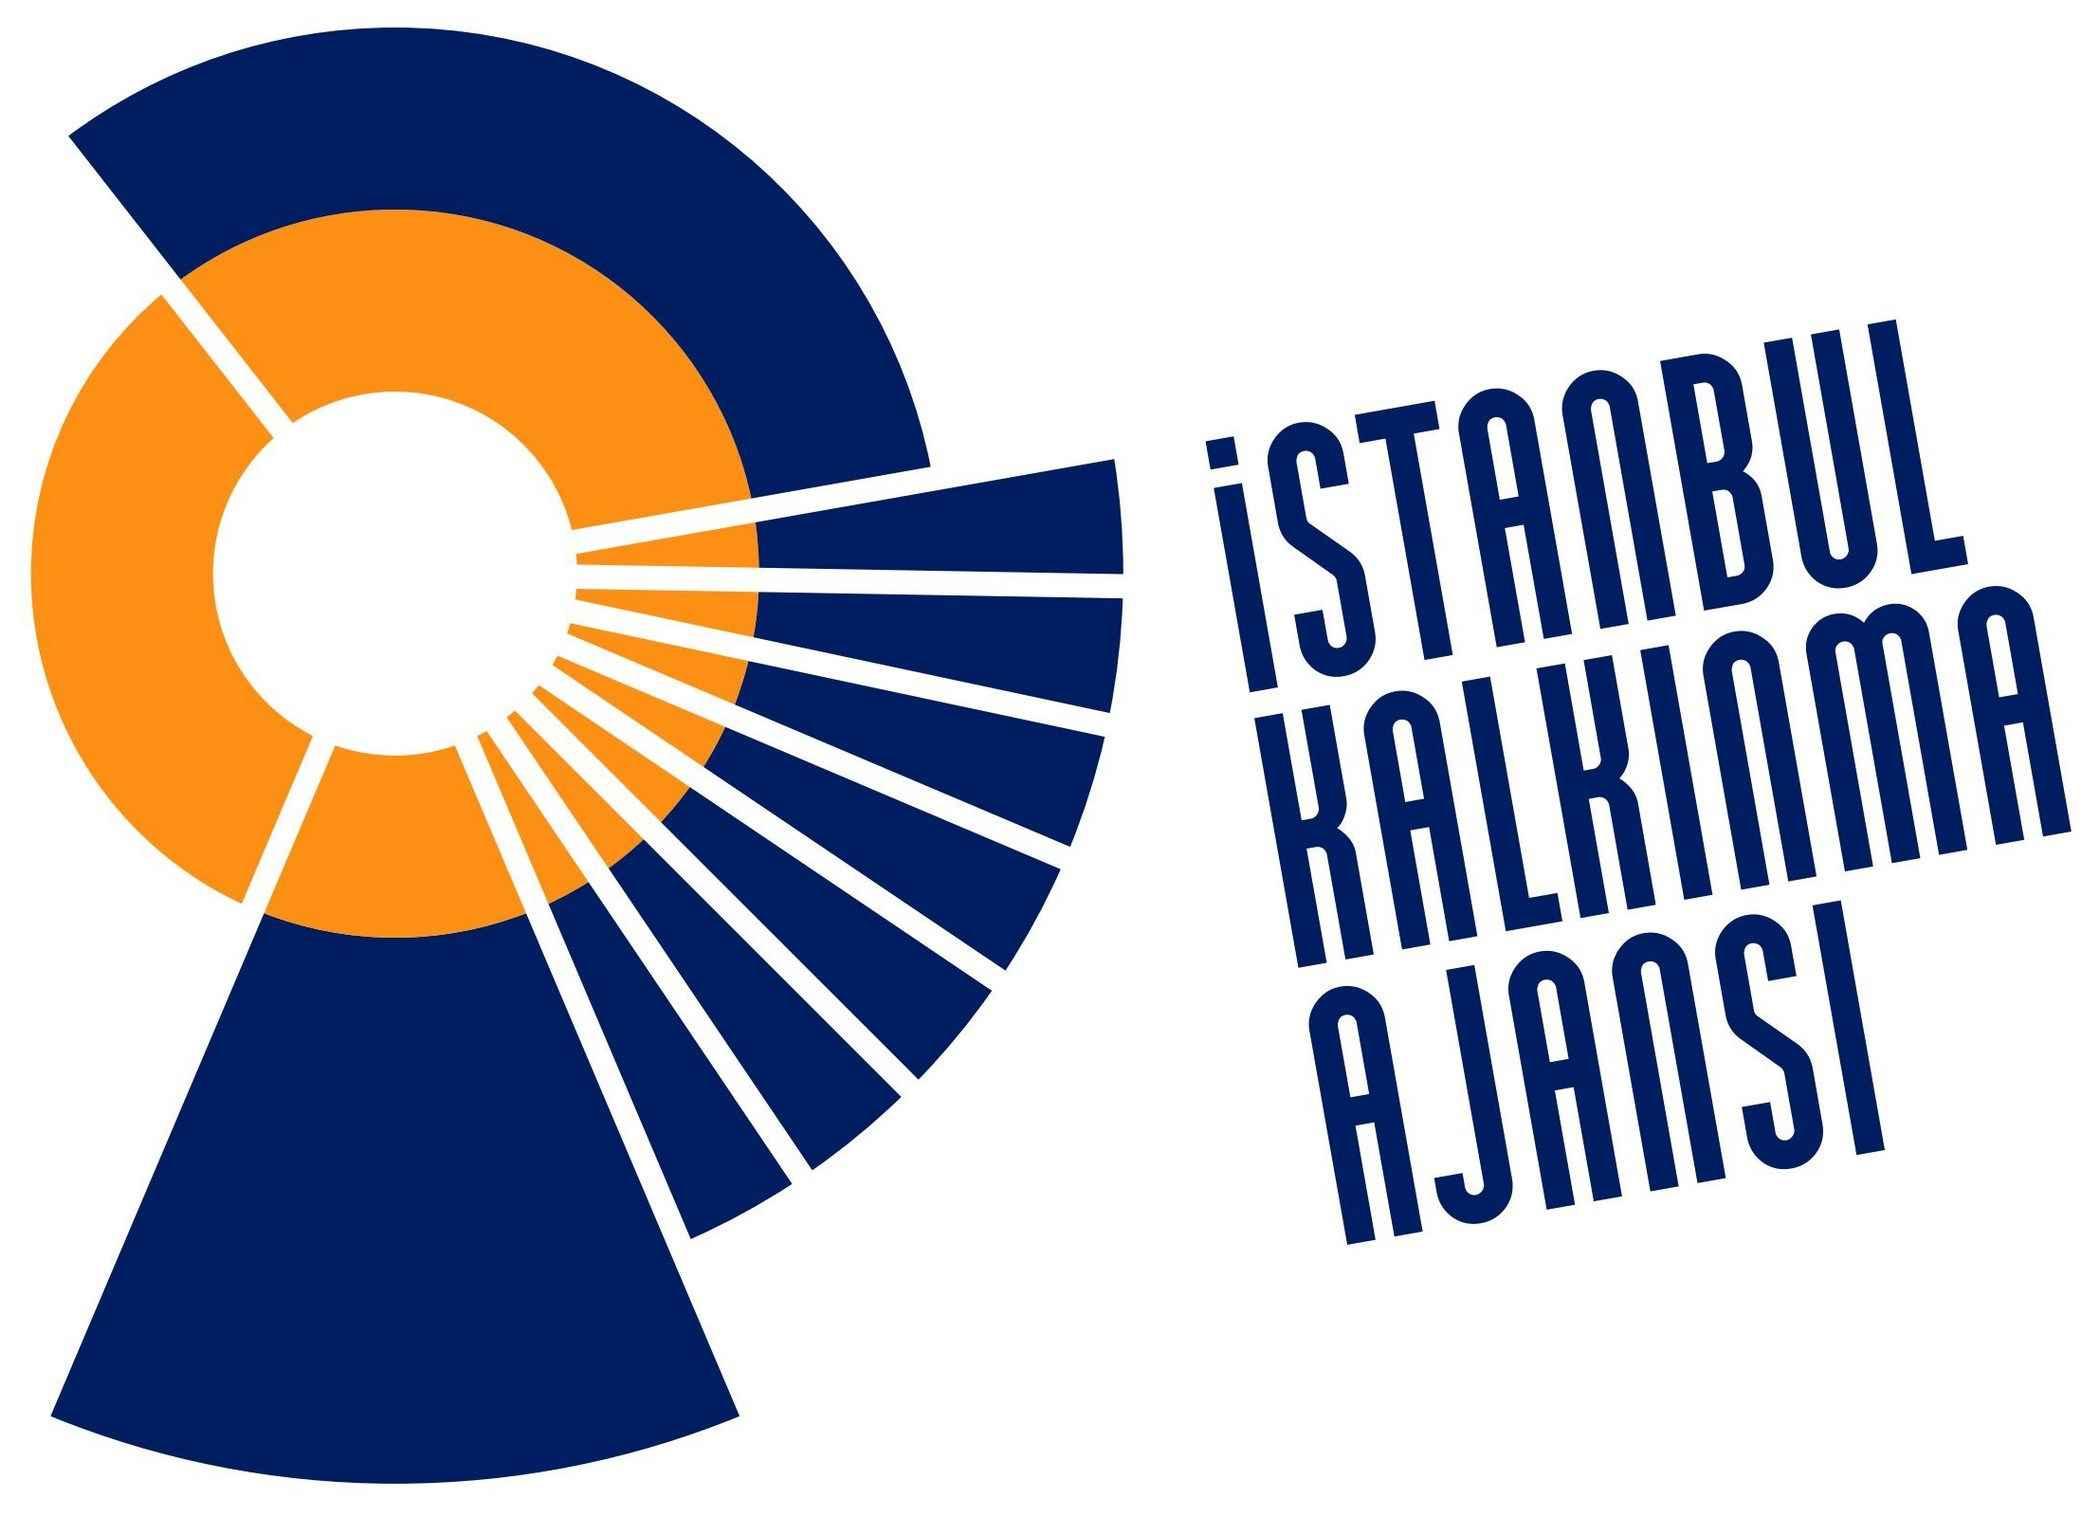 istanbul-kalkinma-ajansi-logo